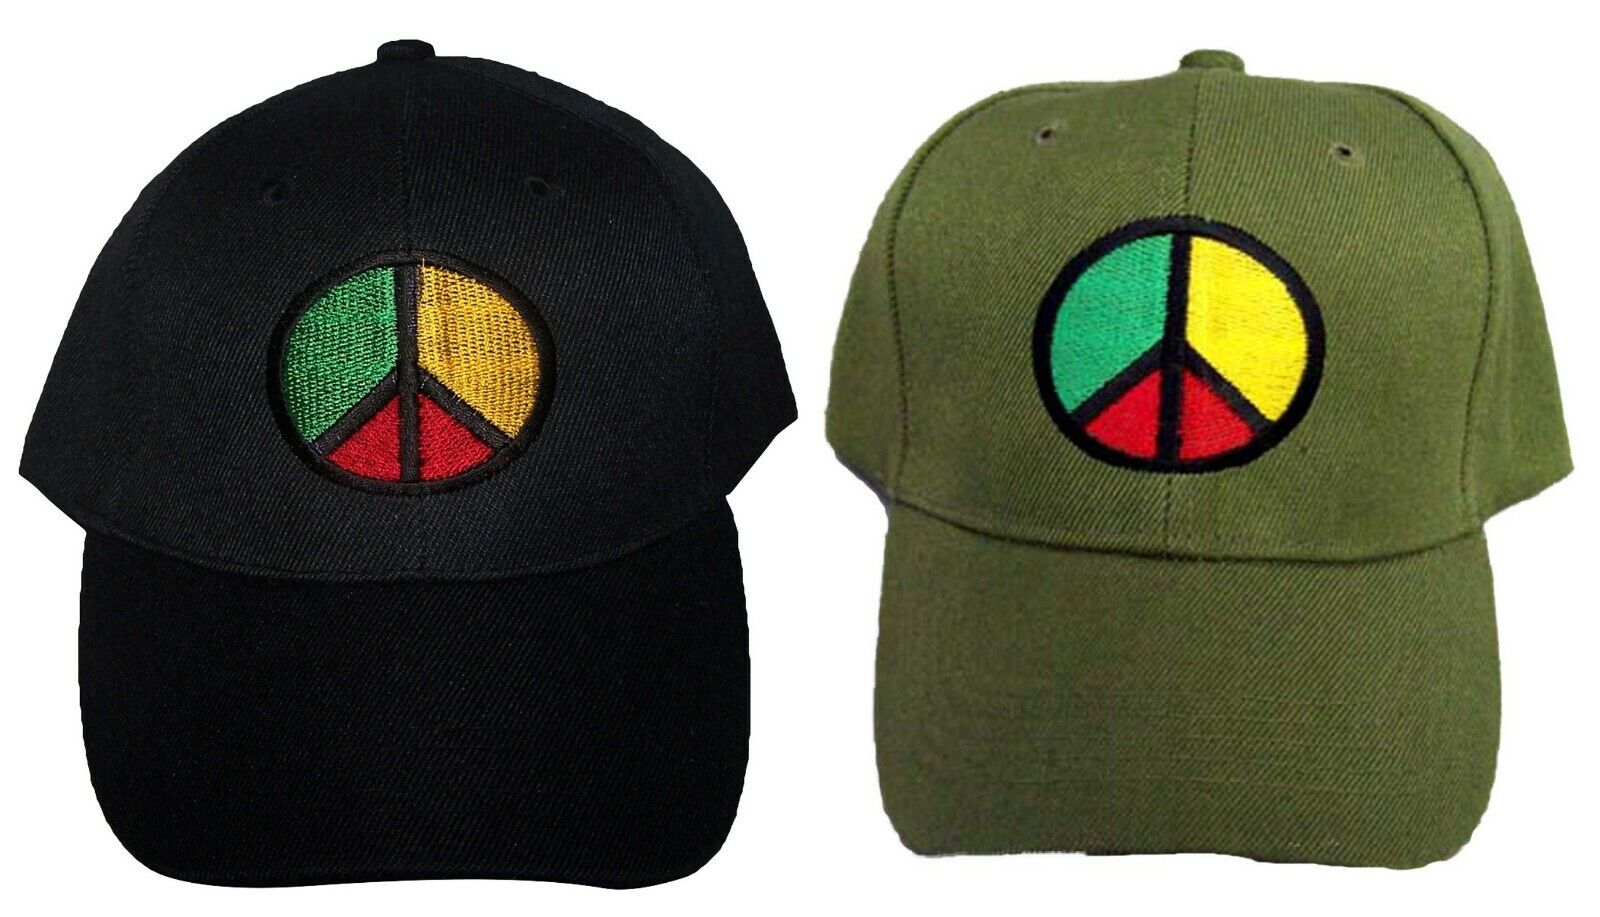 Wca012 Z Gifts Reggae Rasta  Marijuana Weed Beanies Winter Caps Hats